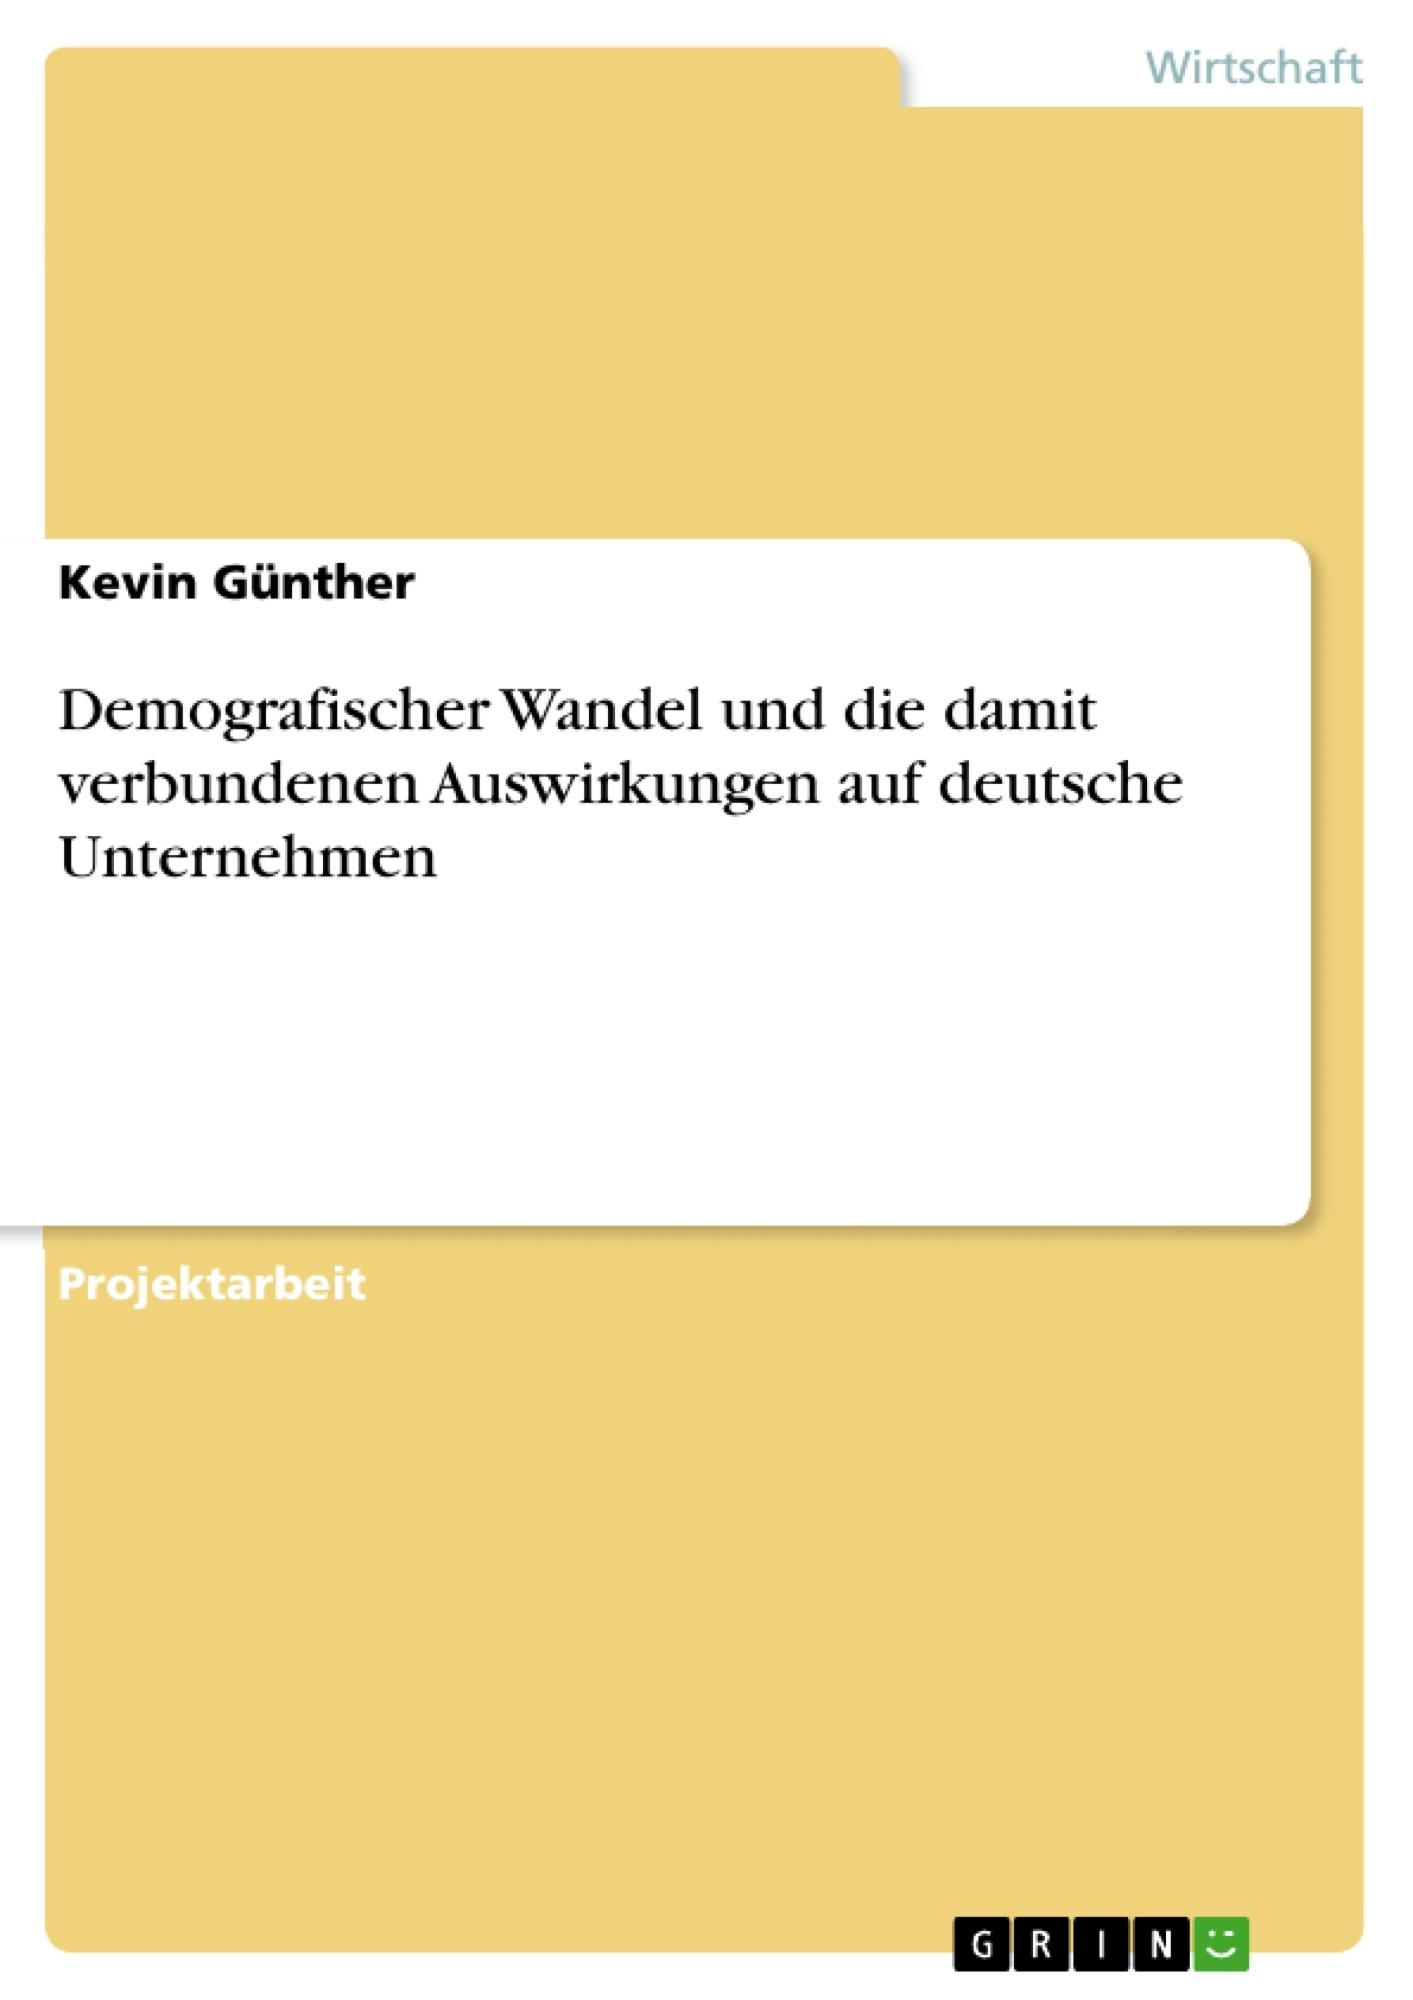 Titel: Demografischer Wandel und die damit verbundenen Auswirkungen auf deutsche Unternehmen